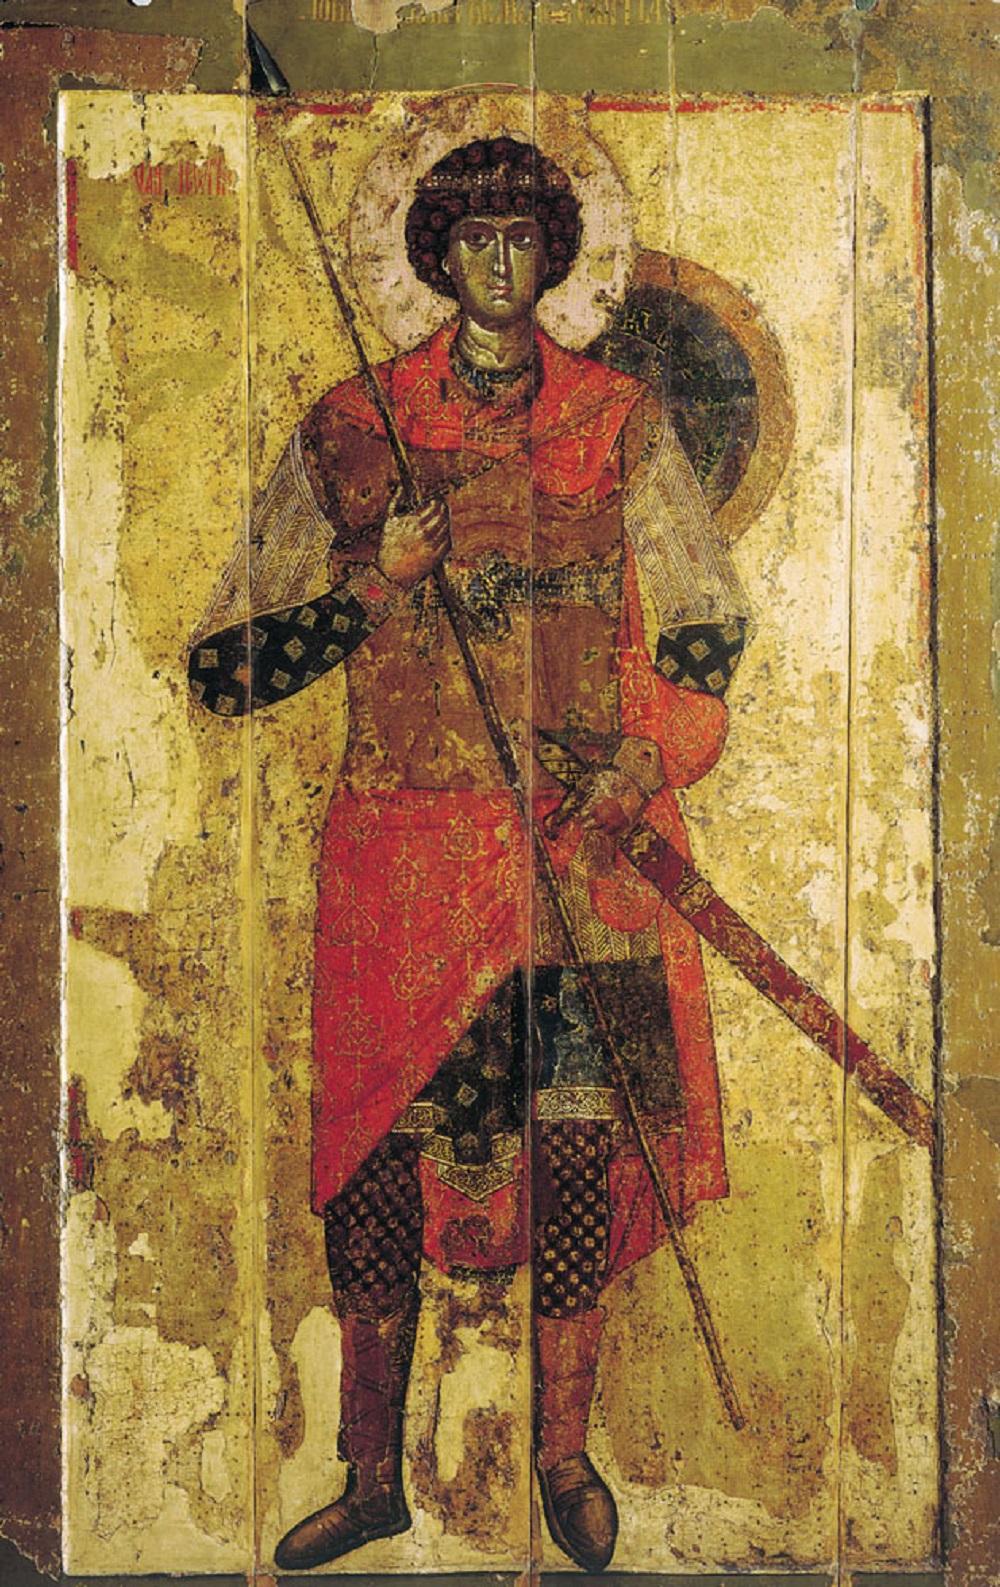 Свети Ђорђе, централна икона Јурјевог манастира у Новгороду, XI-XII век